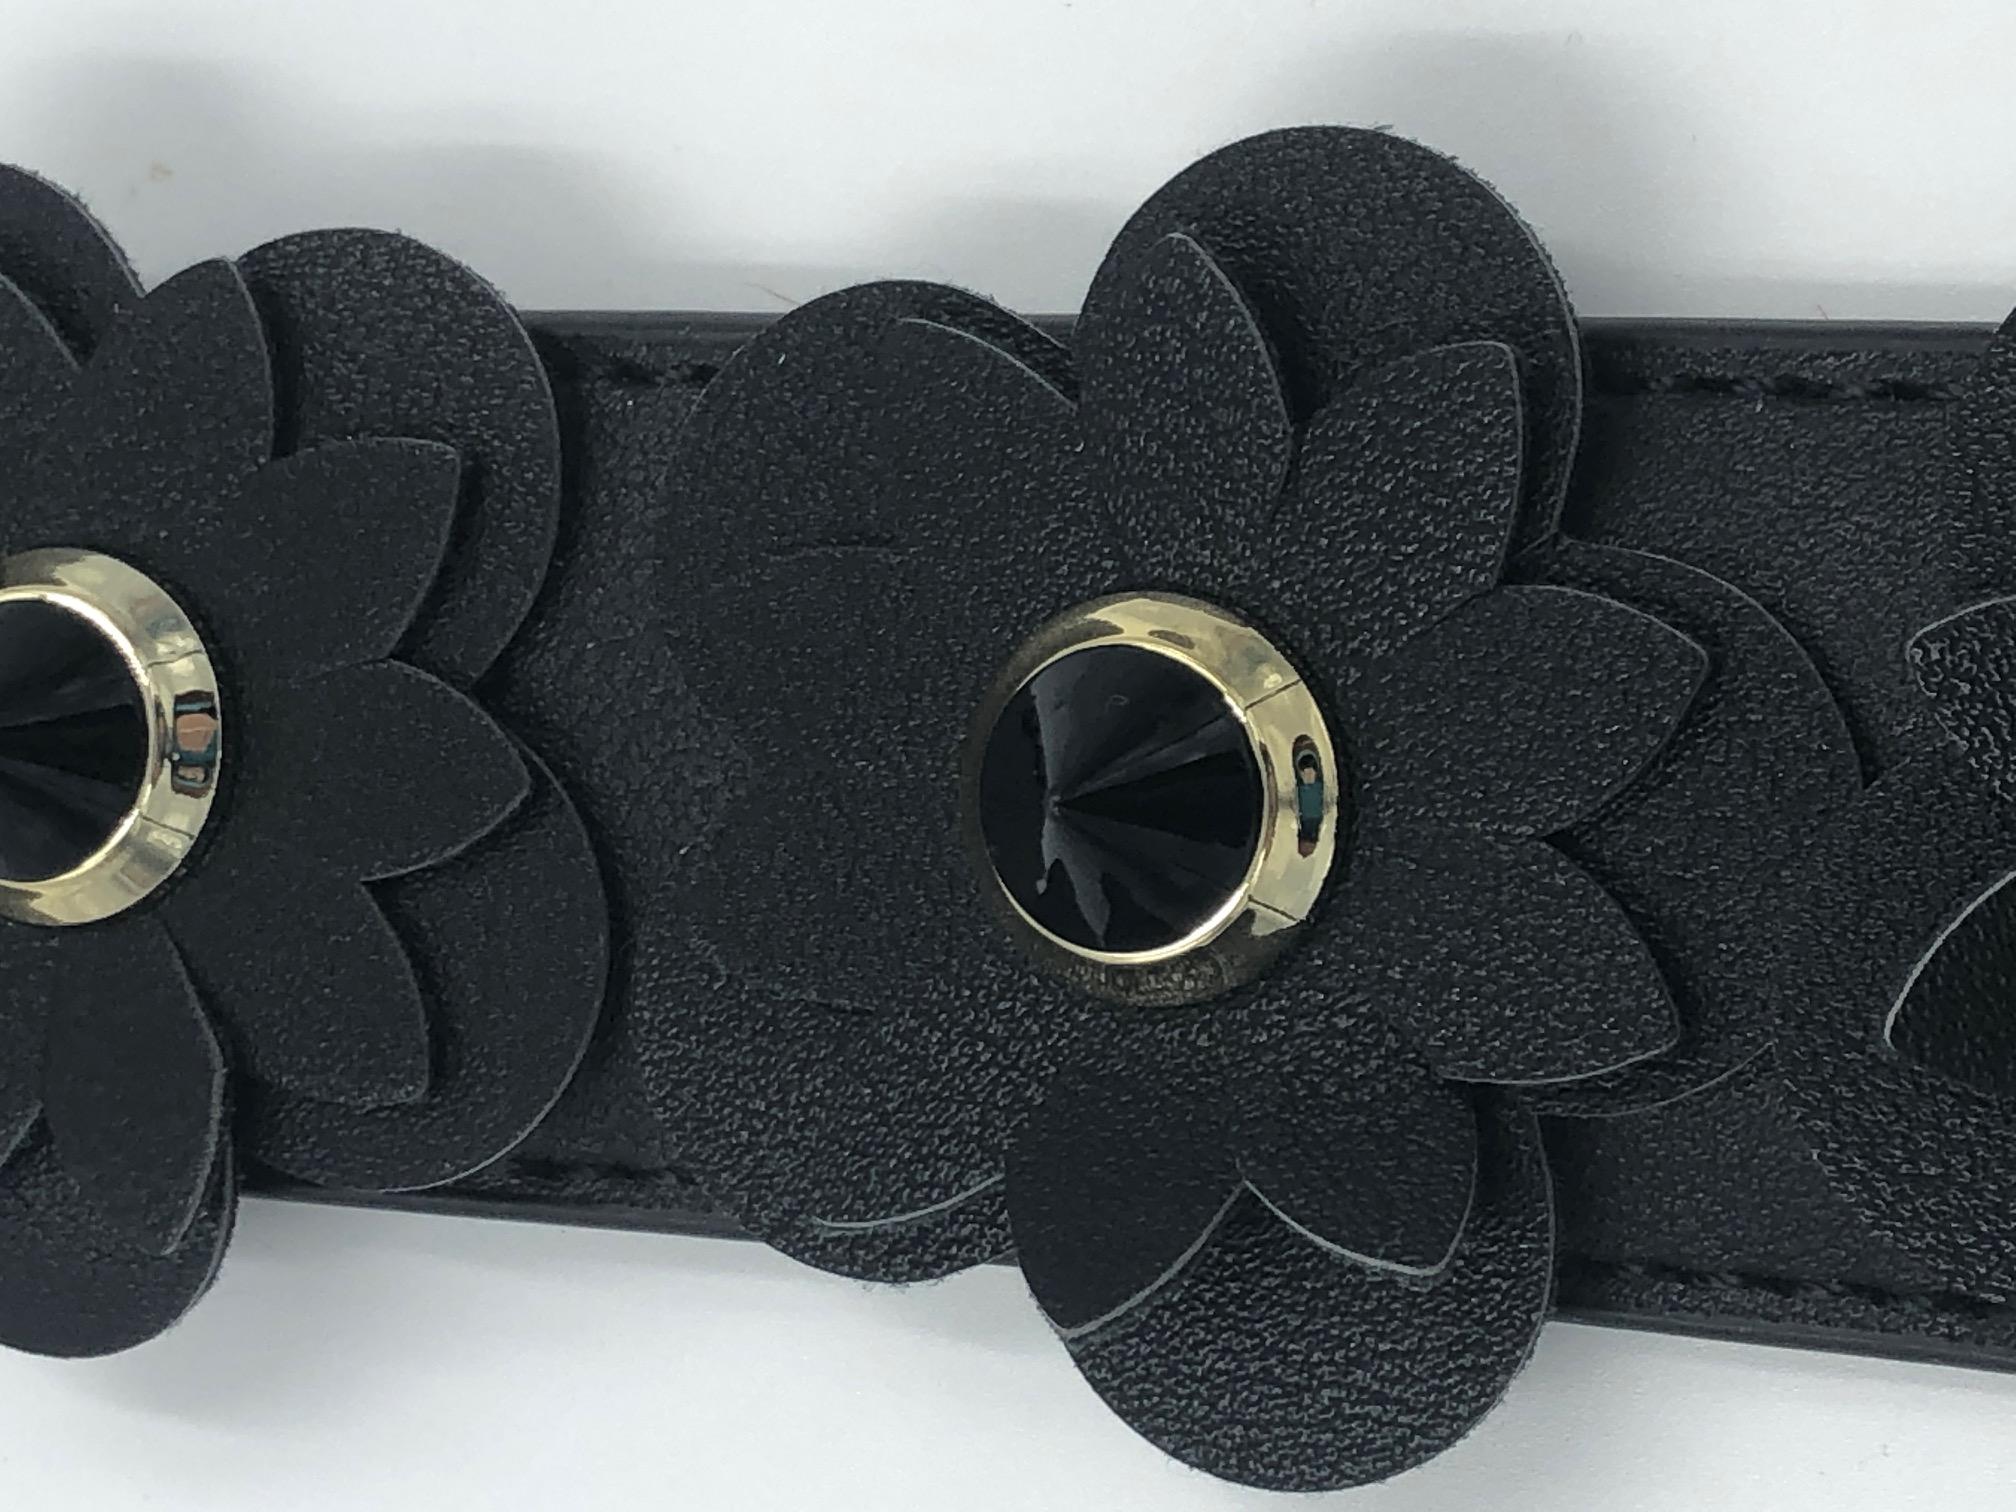 Echtleder Taschengurt bzw. Schulter-, Tragegurt für Damenhandtasche Blume